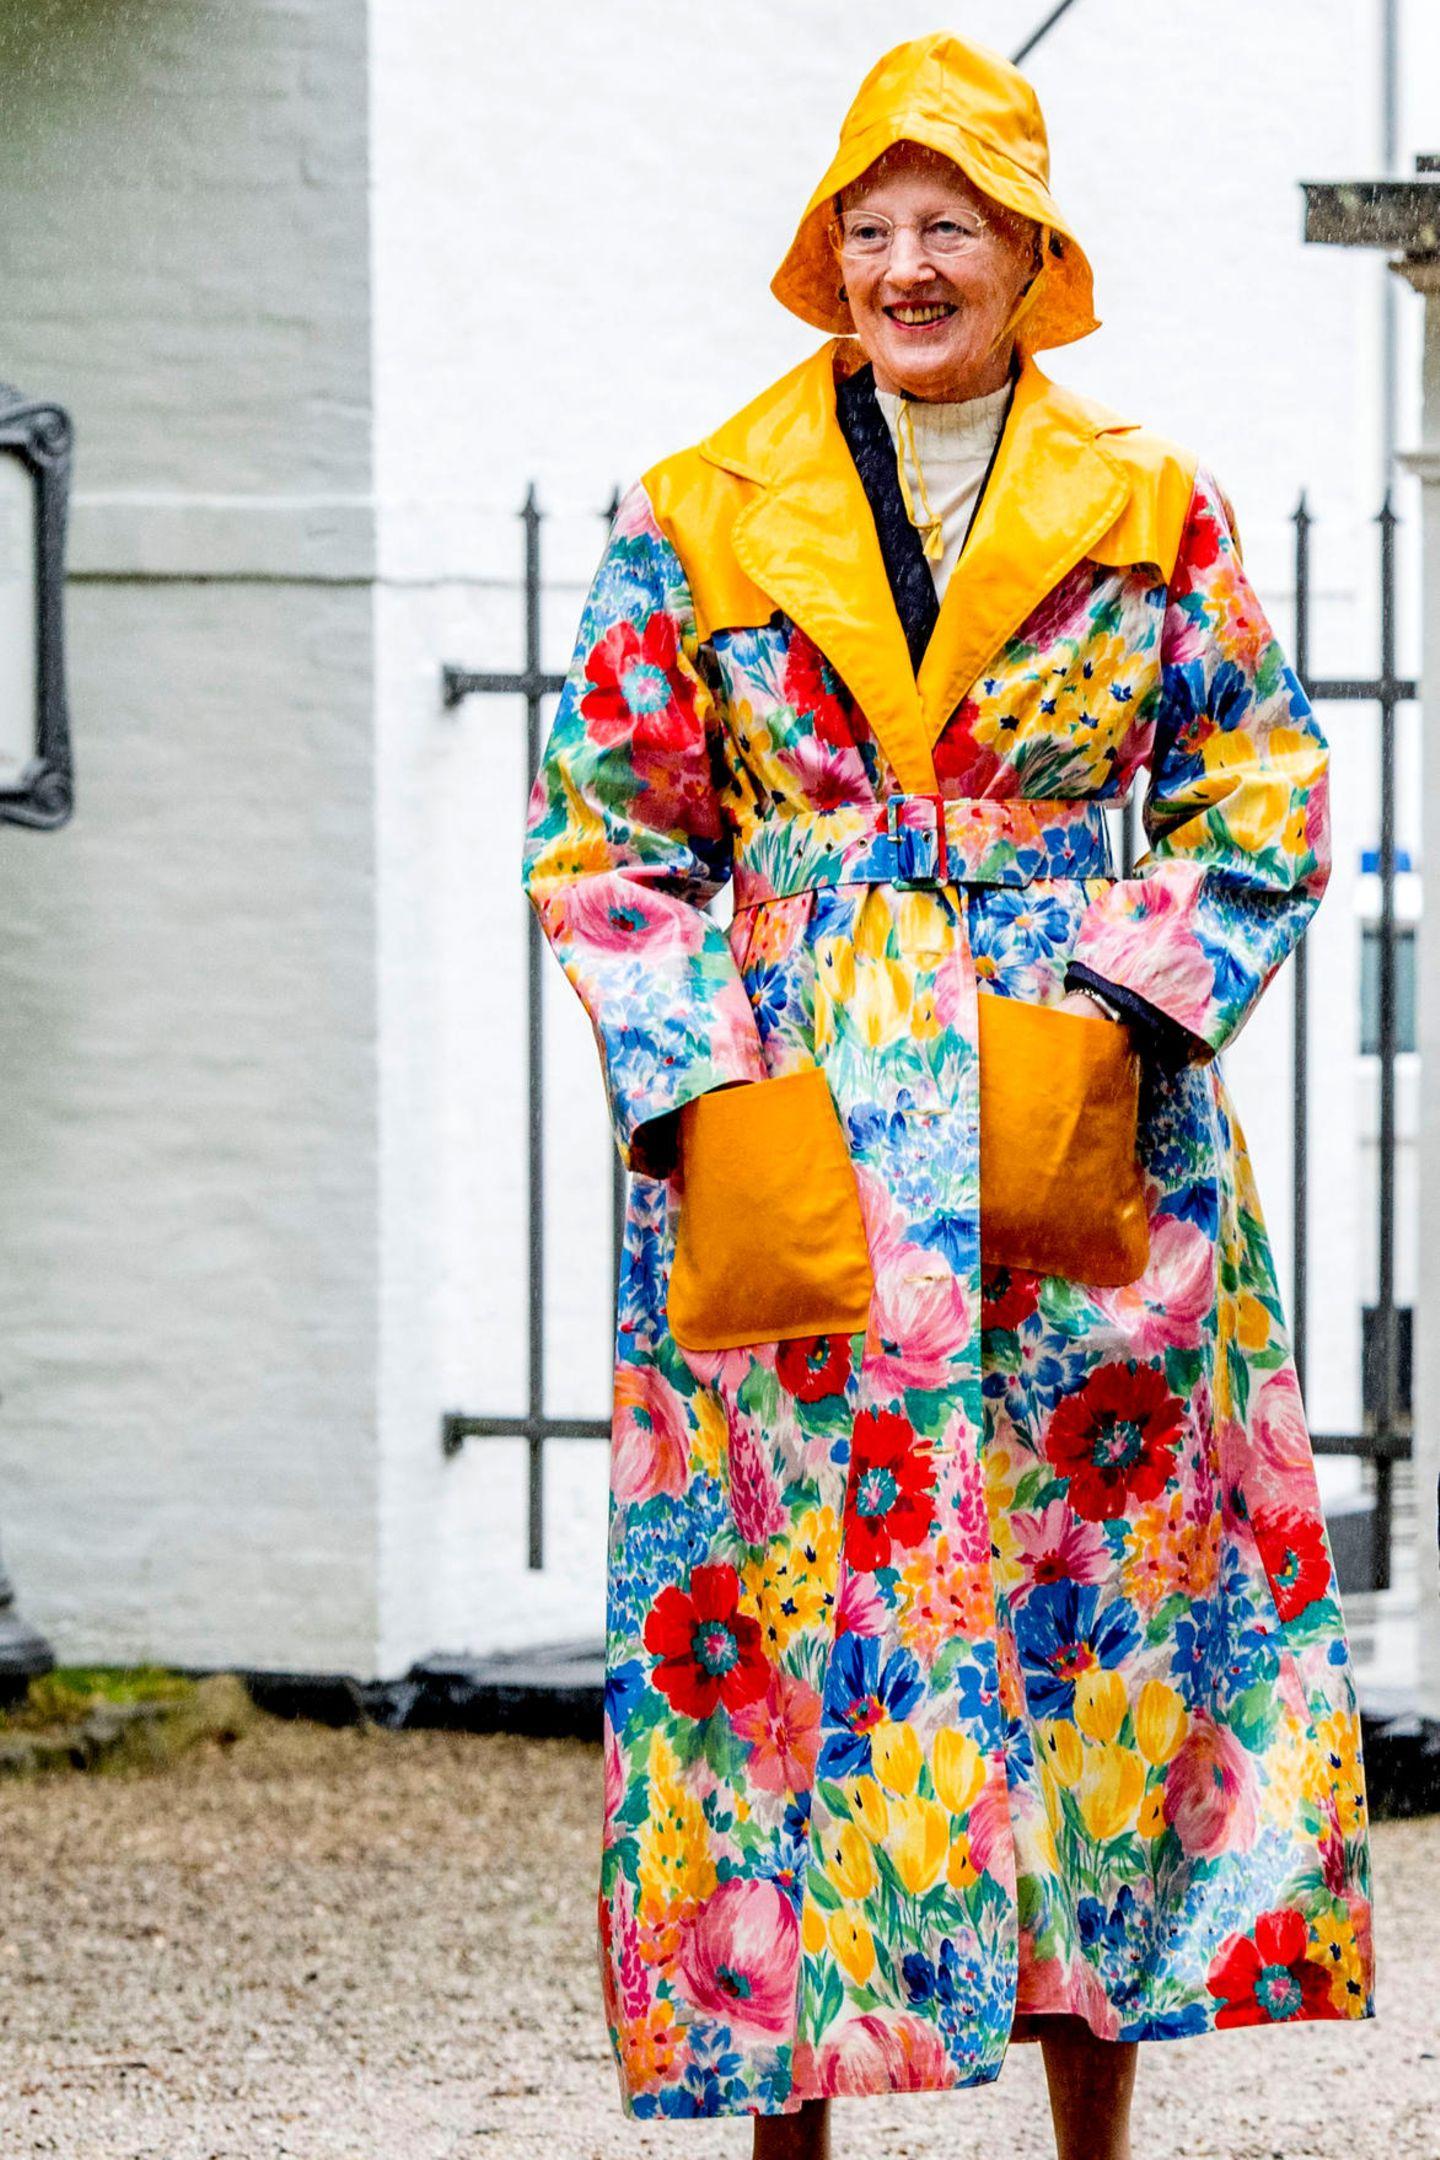 Keiner trotzt dem Regen so schön wieKönigin Margrethe. Mit einem gelben Regenhut und passendem Blumen-Regenmantel empfängt sie Graastens Ringreiterverein vor Schloss Graasten.